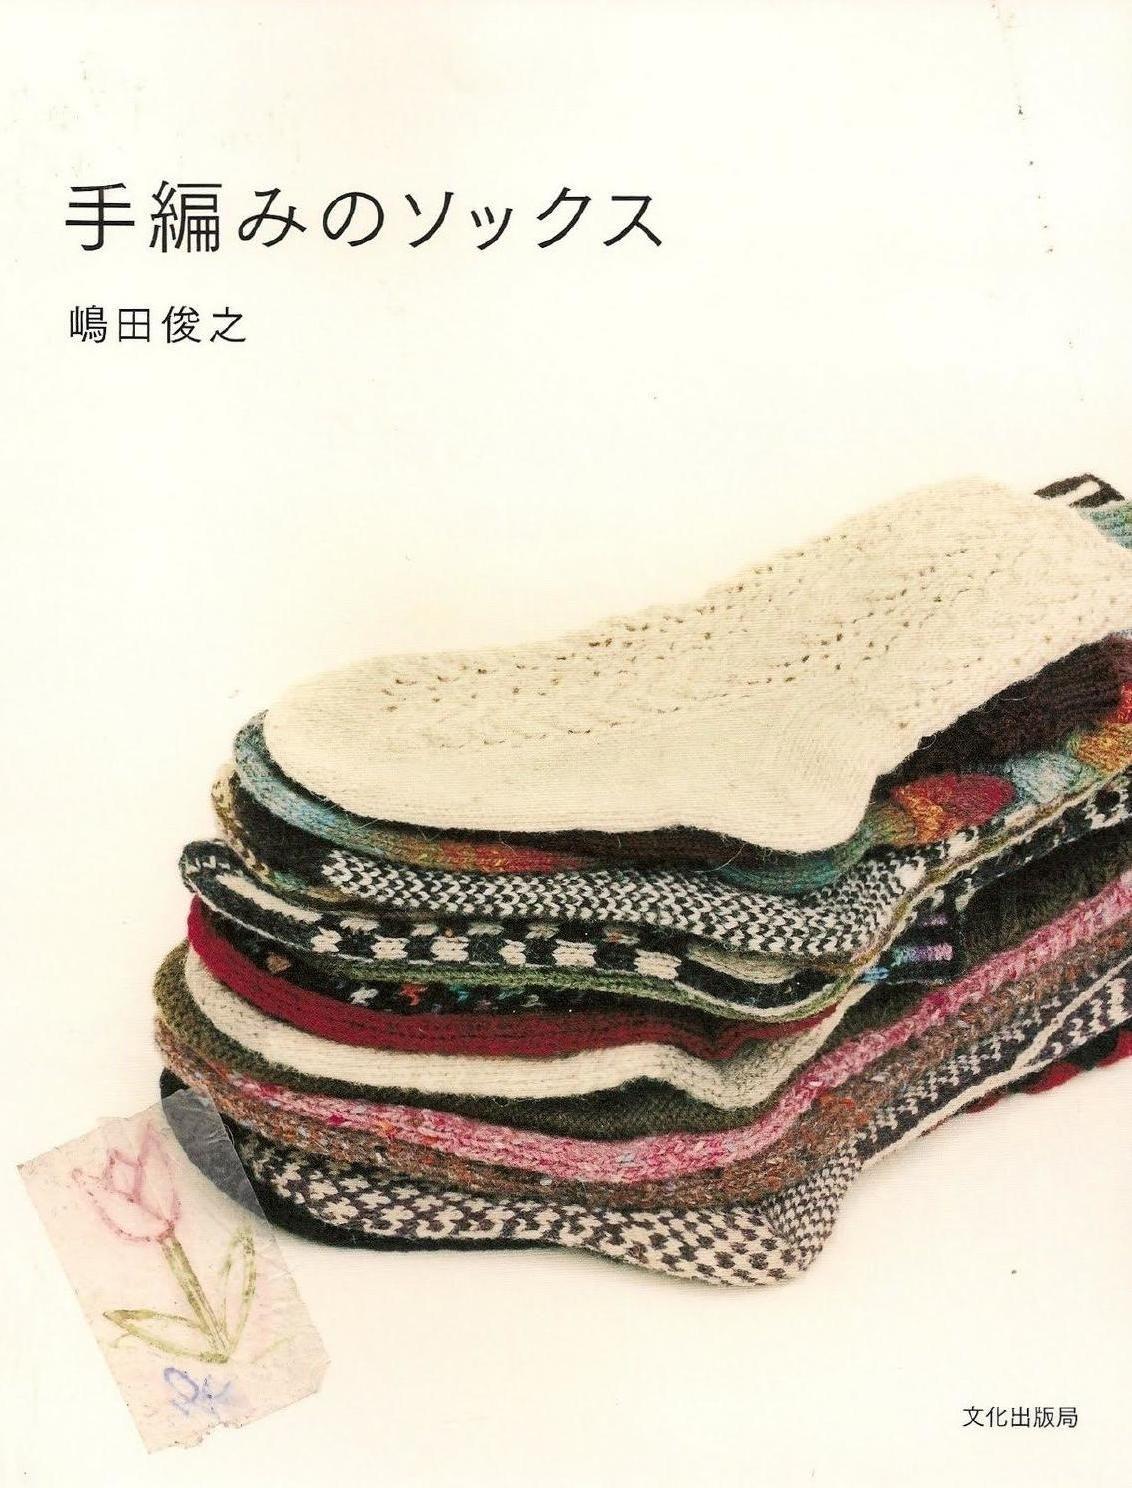 ClippedOnIssuu from Knitting socks   Crochet   Pinterest   Ganchillo ...